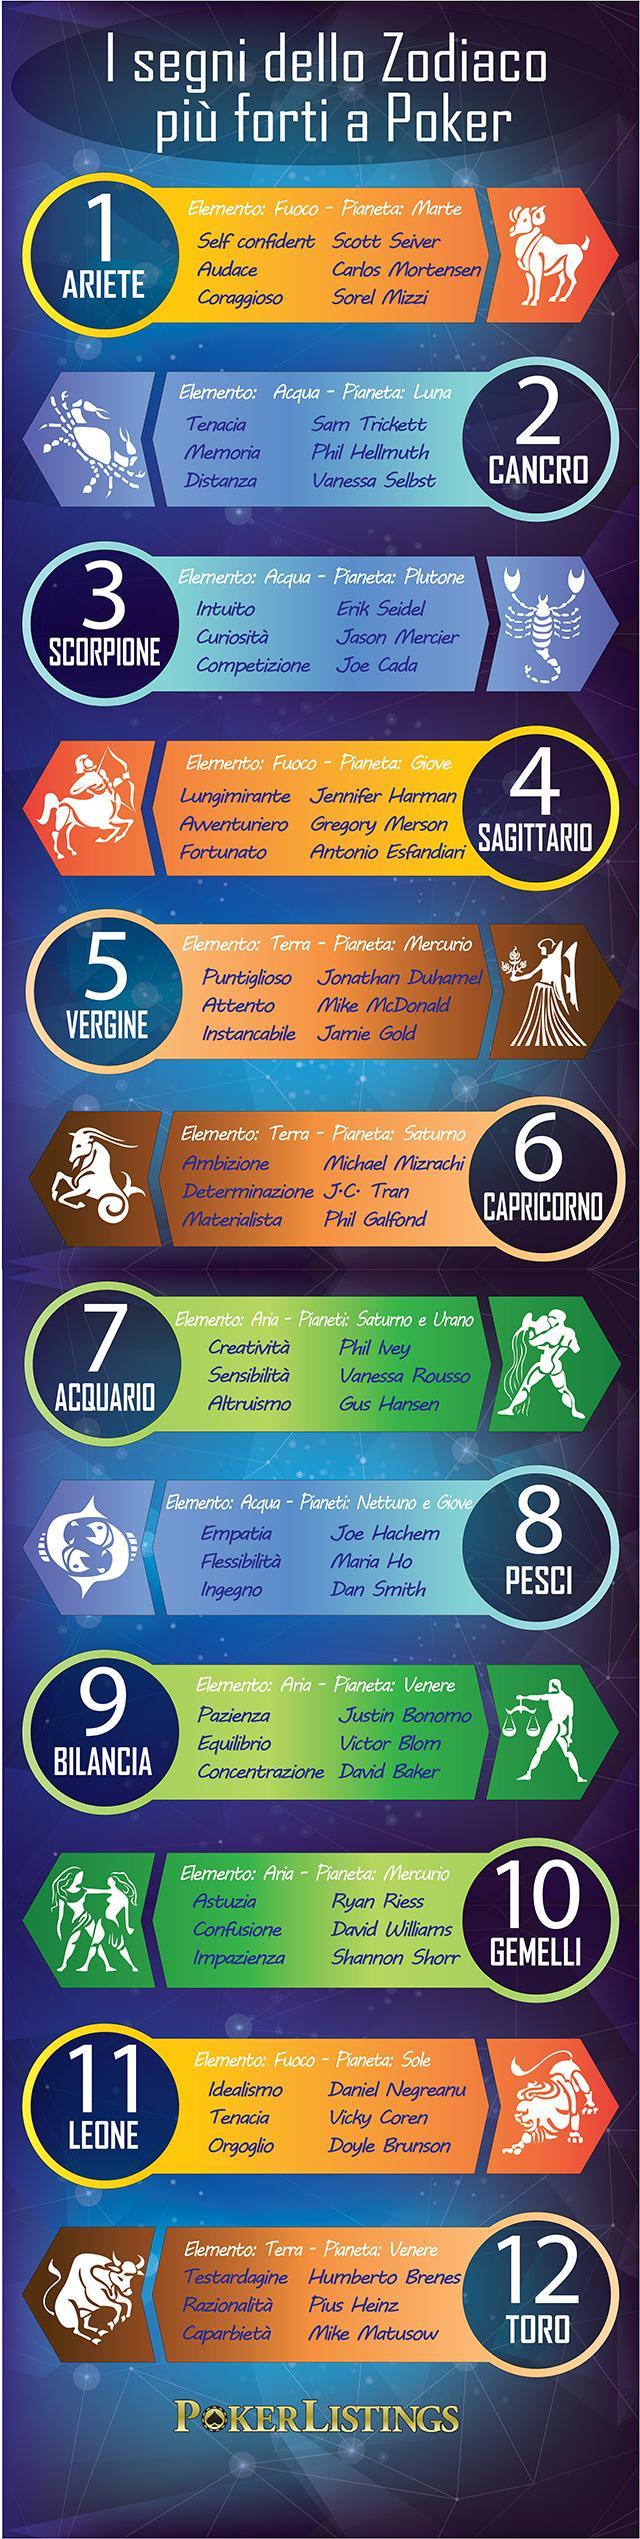 Poker Zodiaco infografica